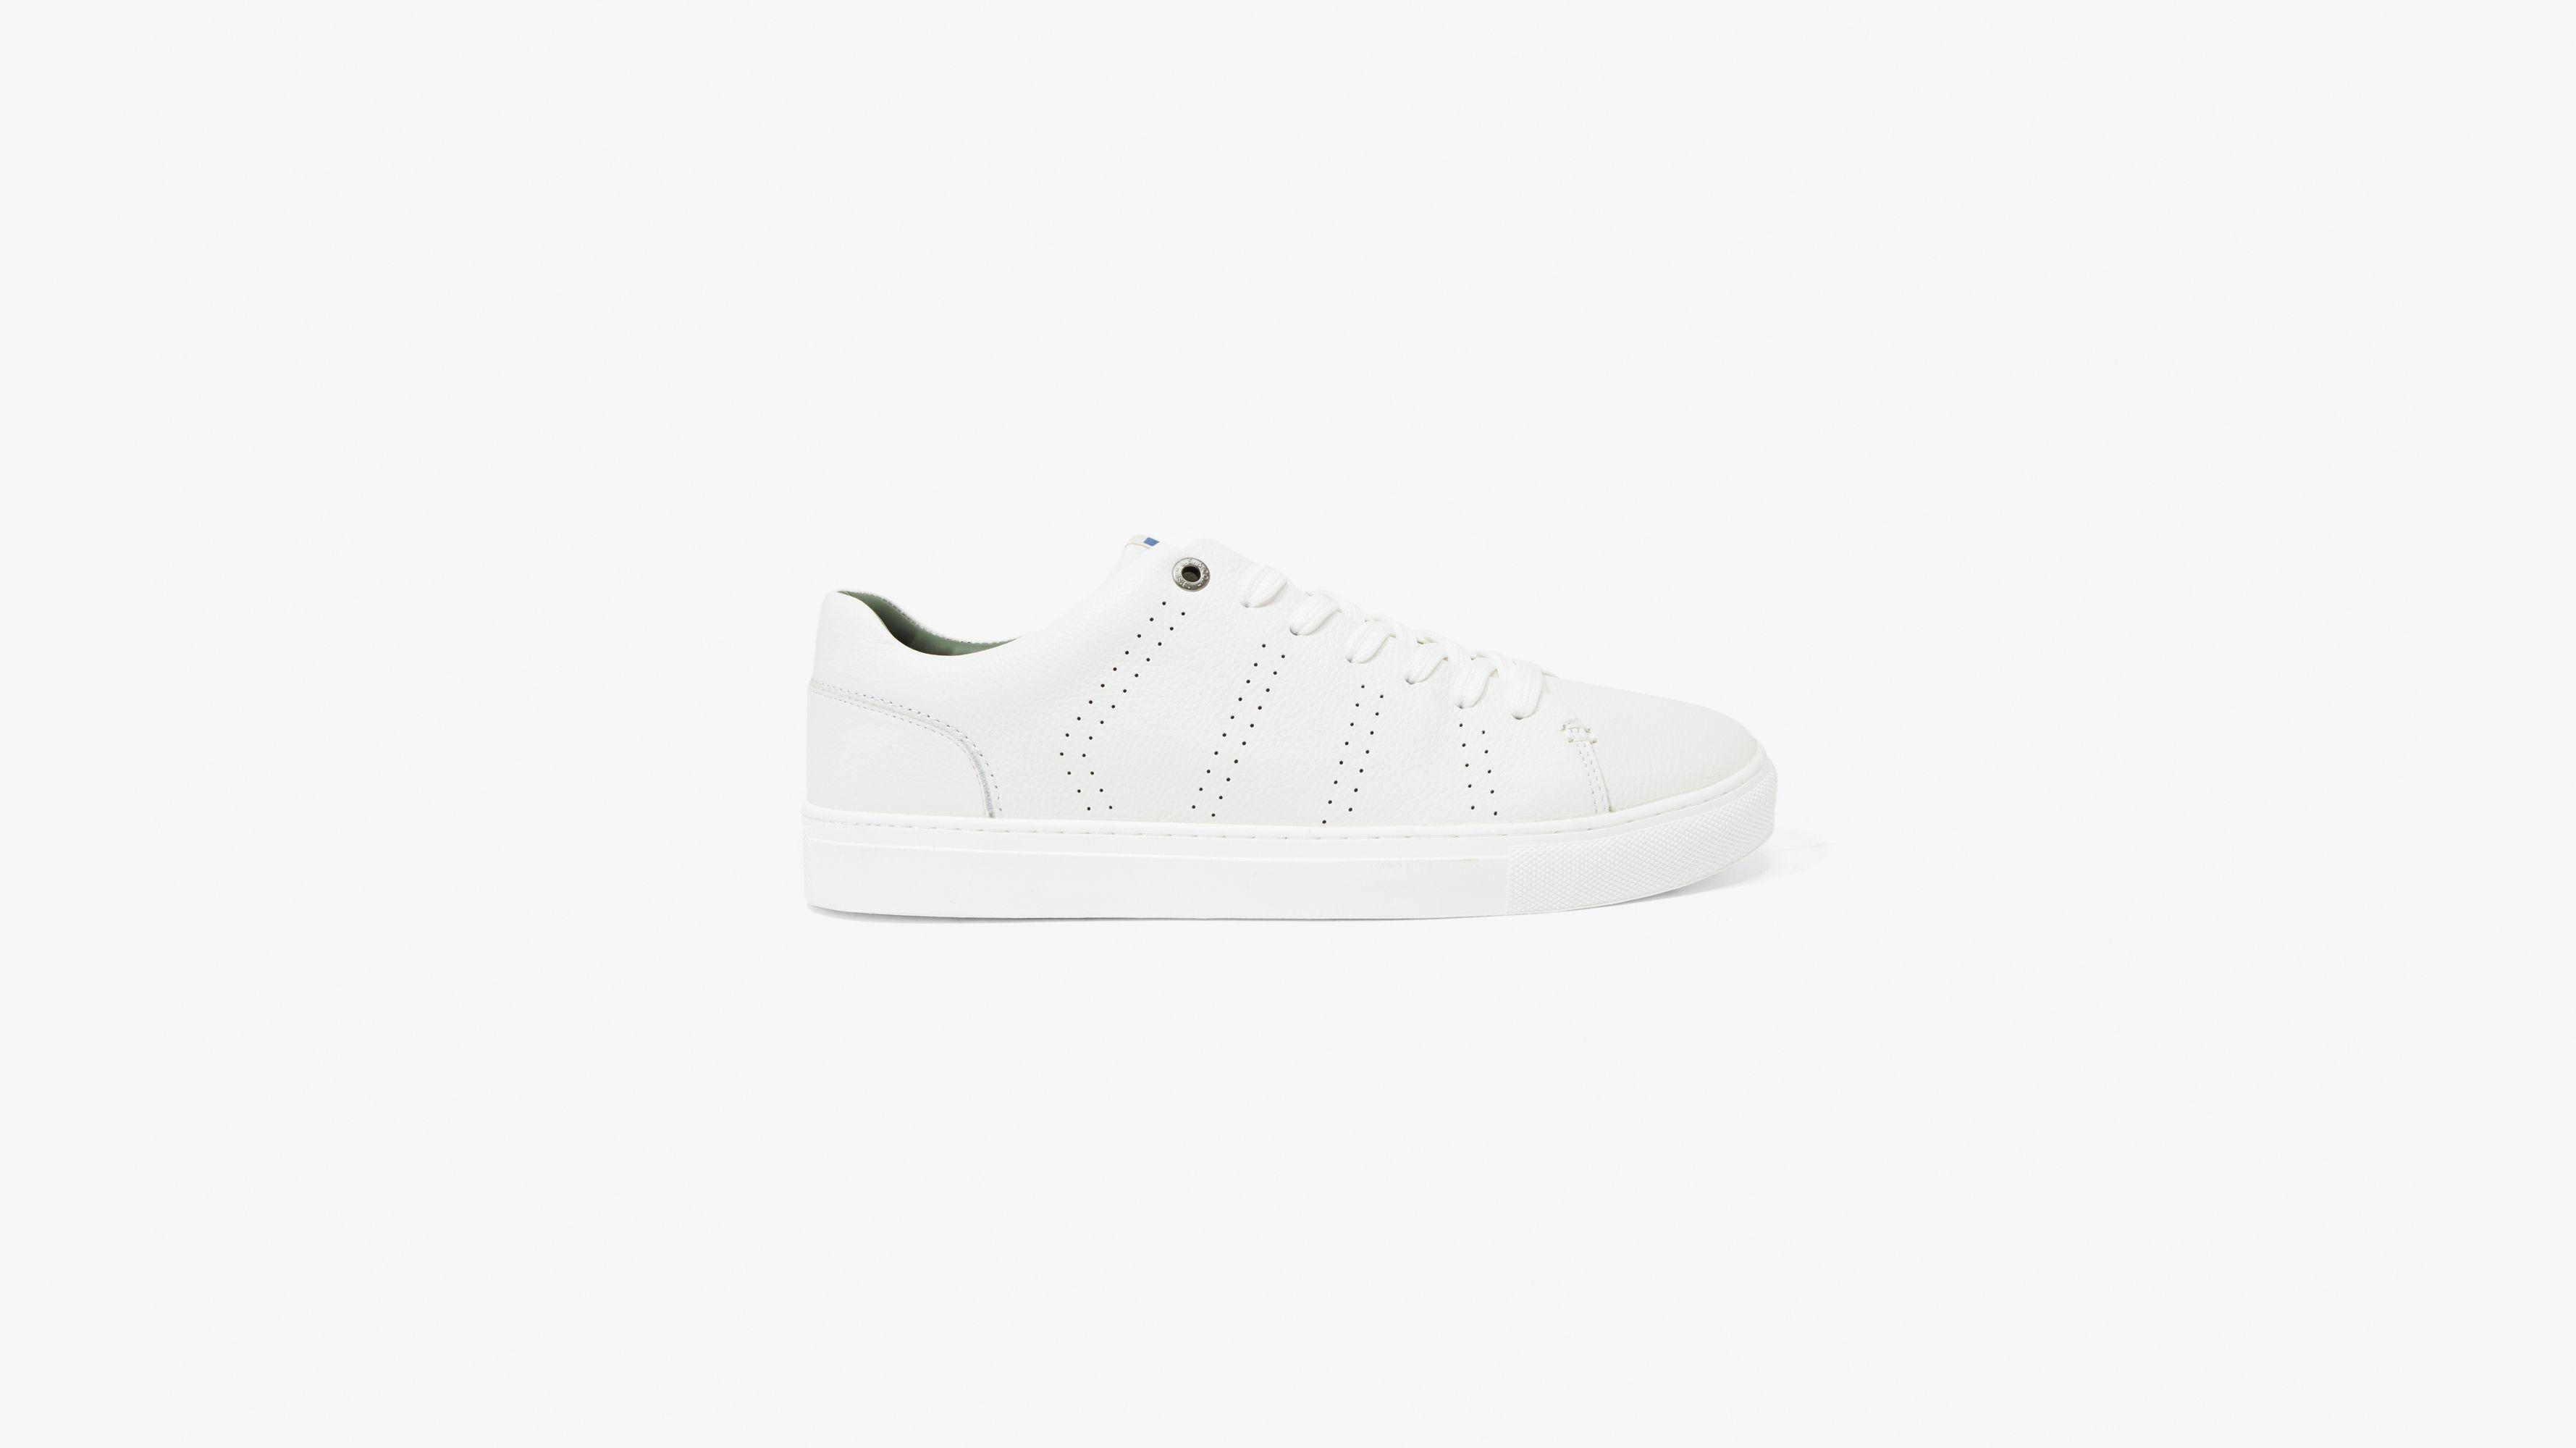 Levis Herren Schuhe Billig Online Bestellen, Levis Herren